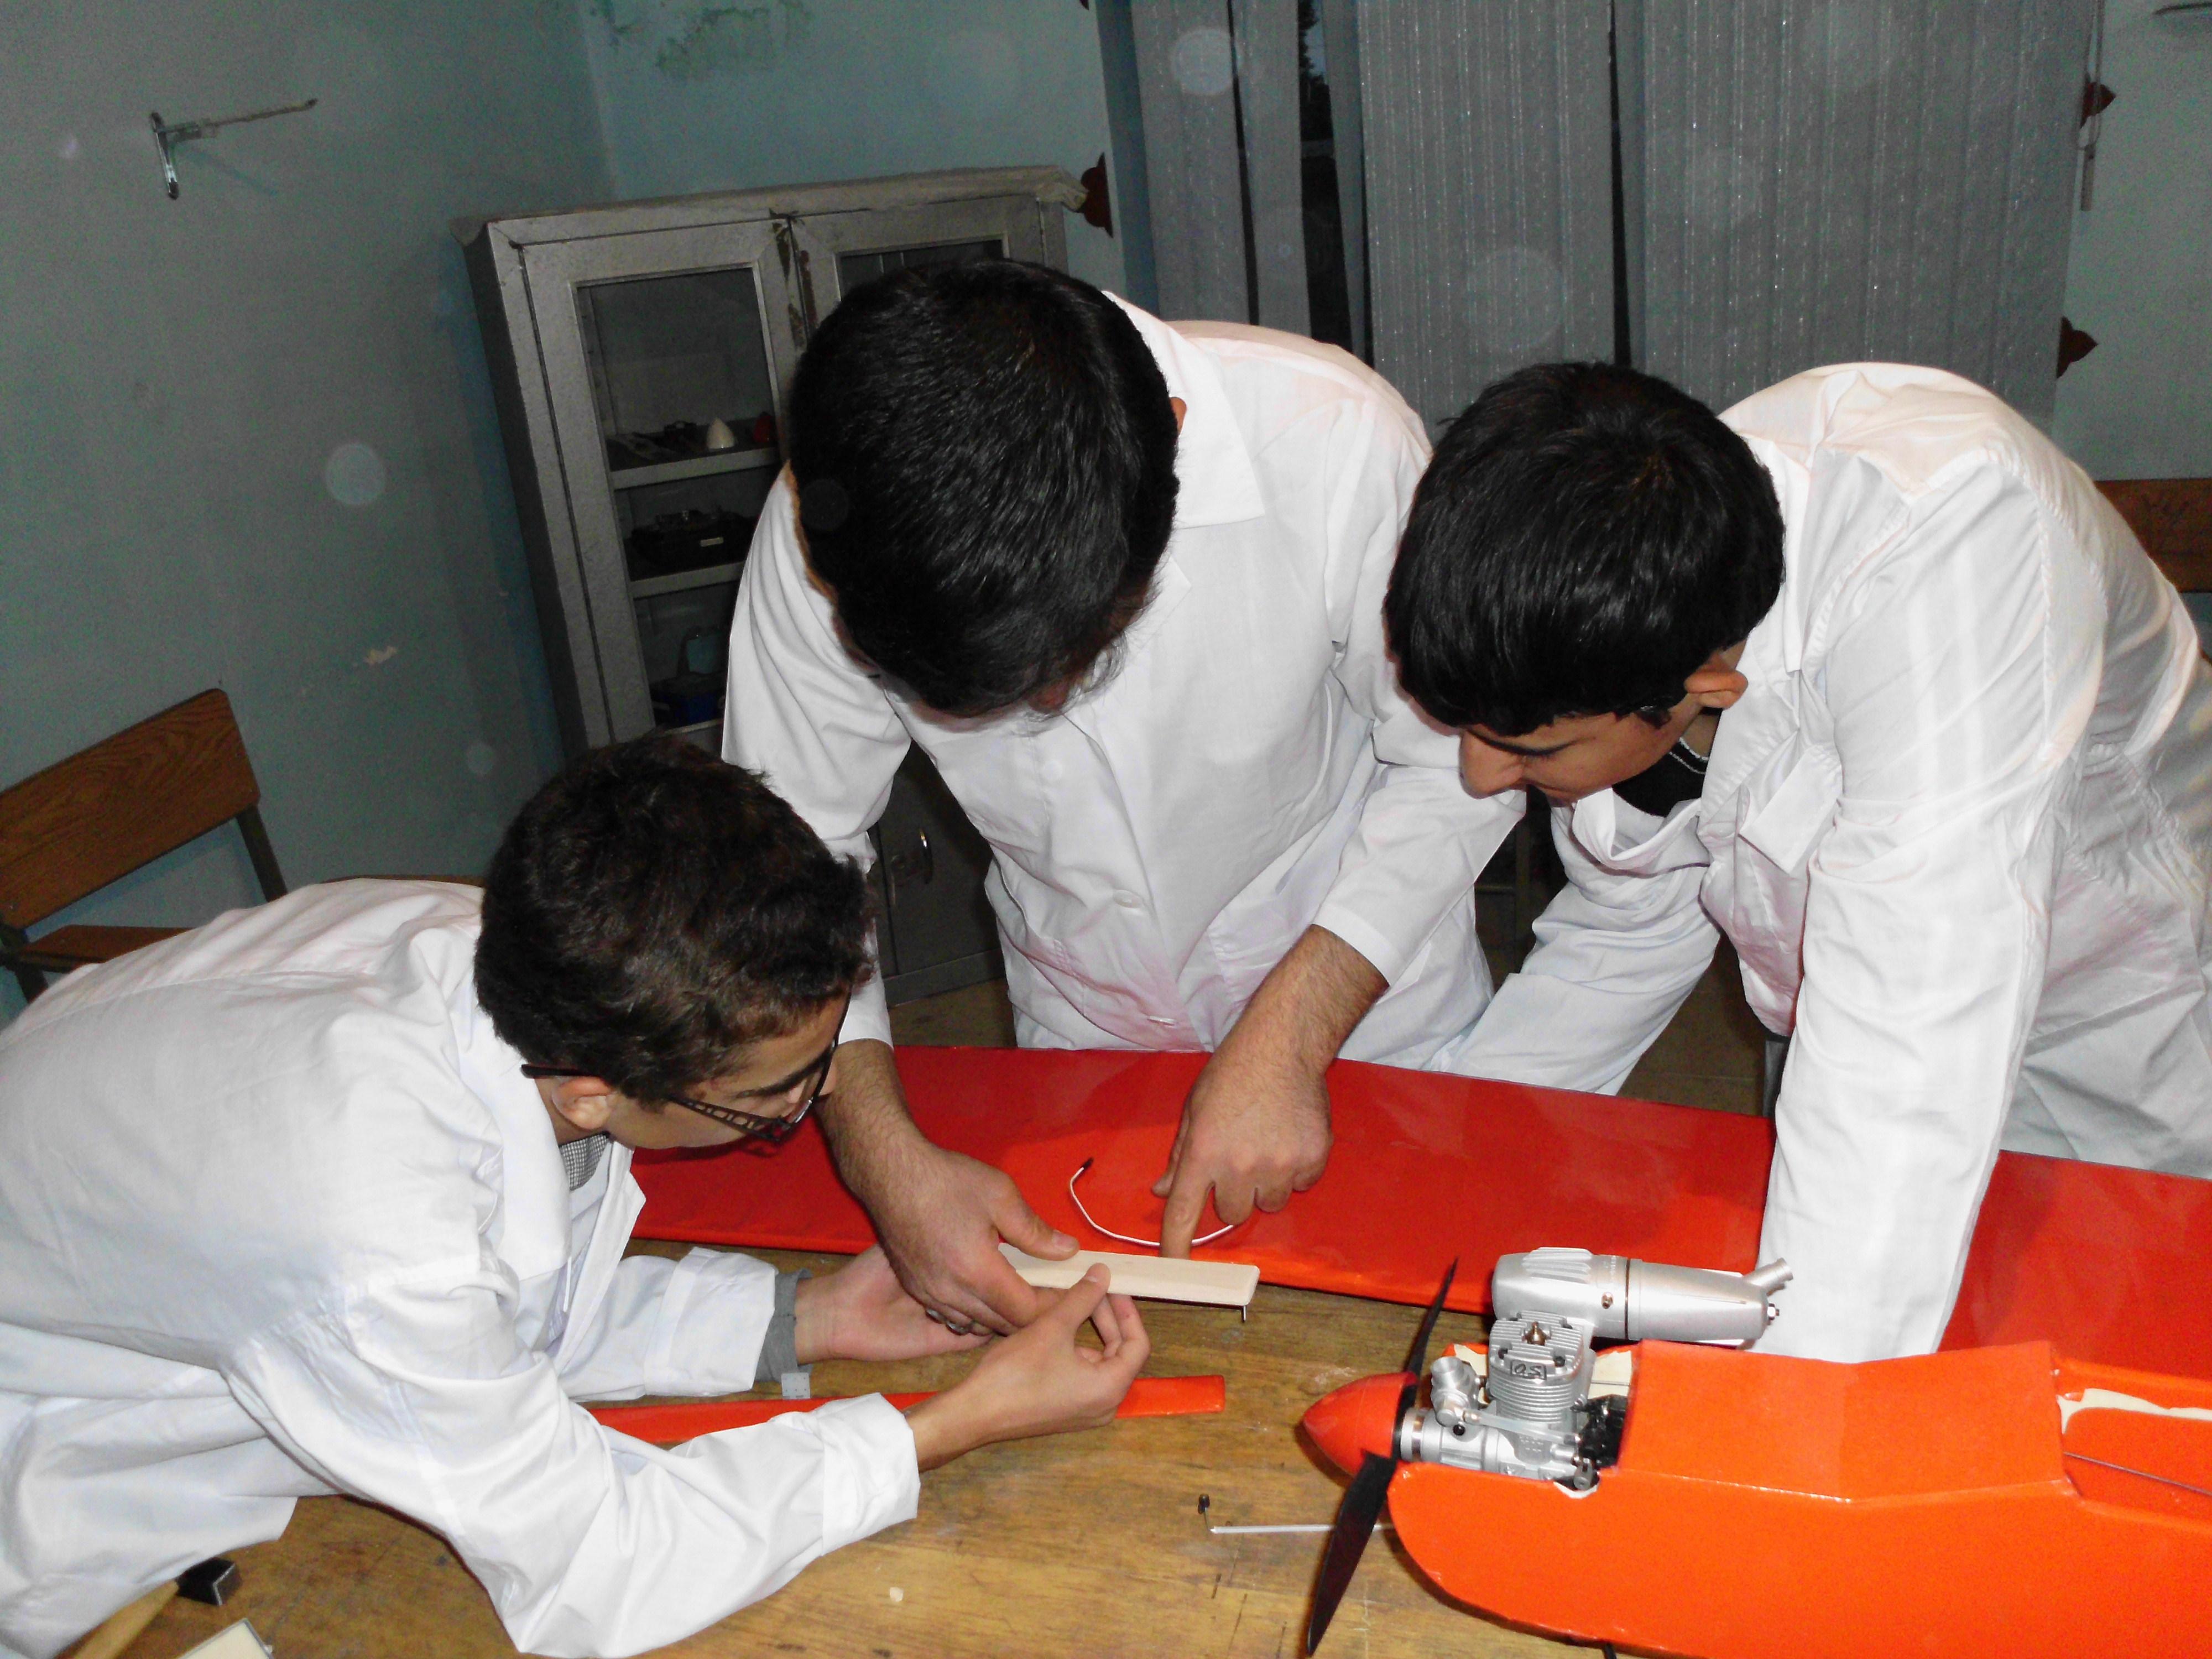 ساخت هواپیمای سوختی کنترل از راه دور توسط دانش آموزان